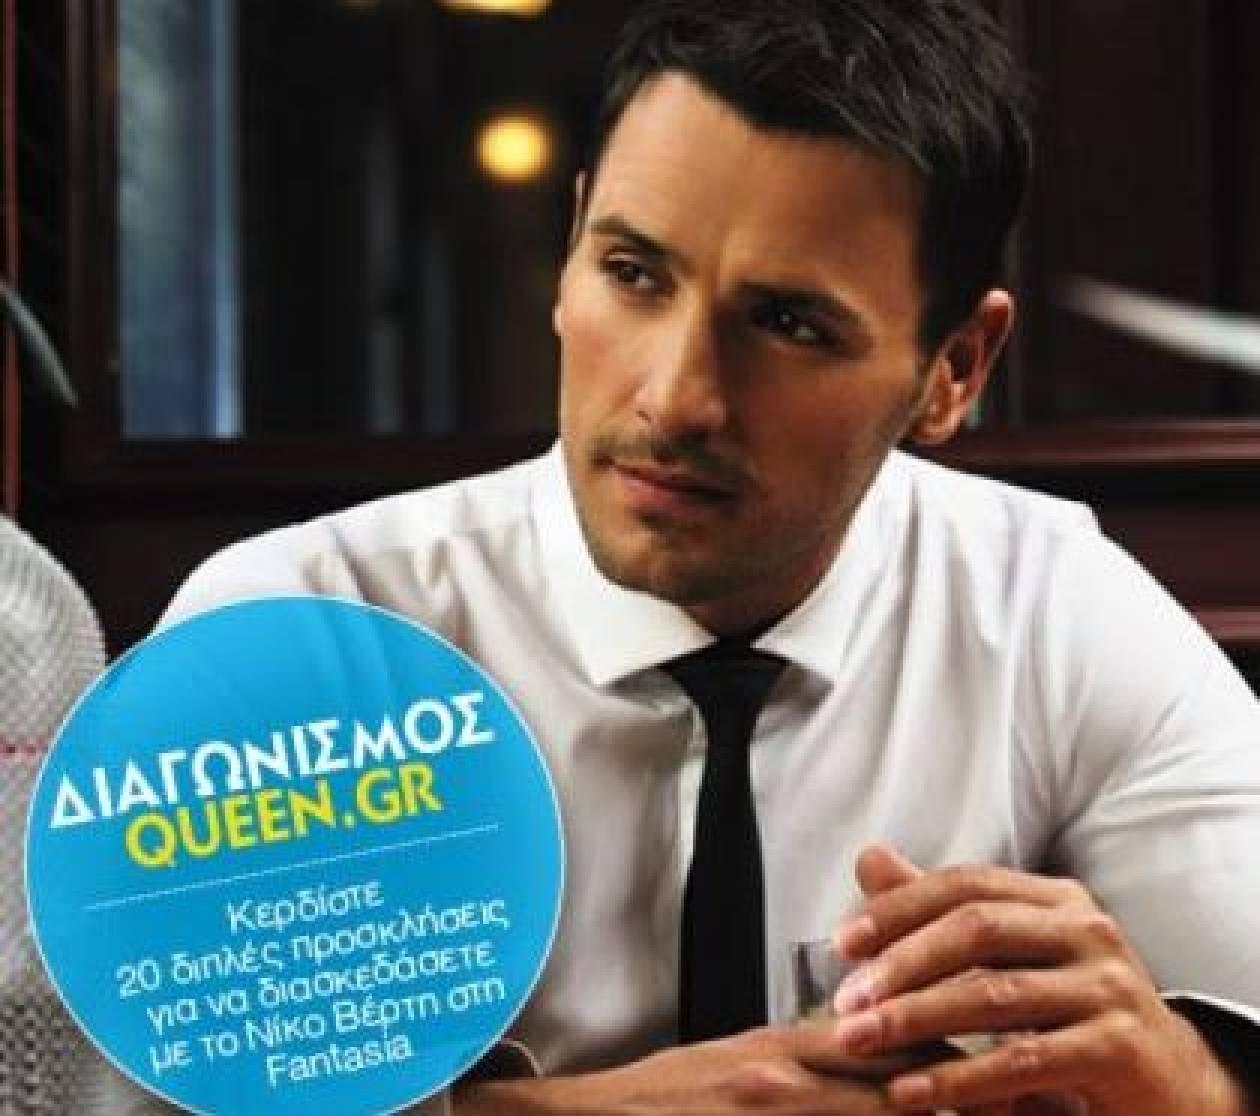 Το Queen.gr σας πιάνει πρώτο τραπέζι πίστα στον Νίκο Βέρτη